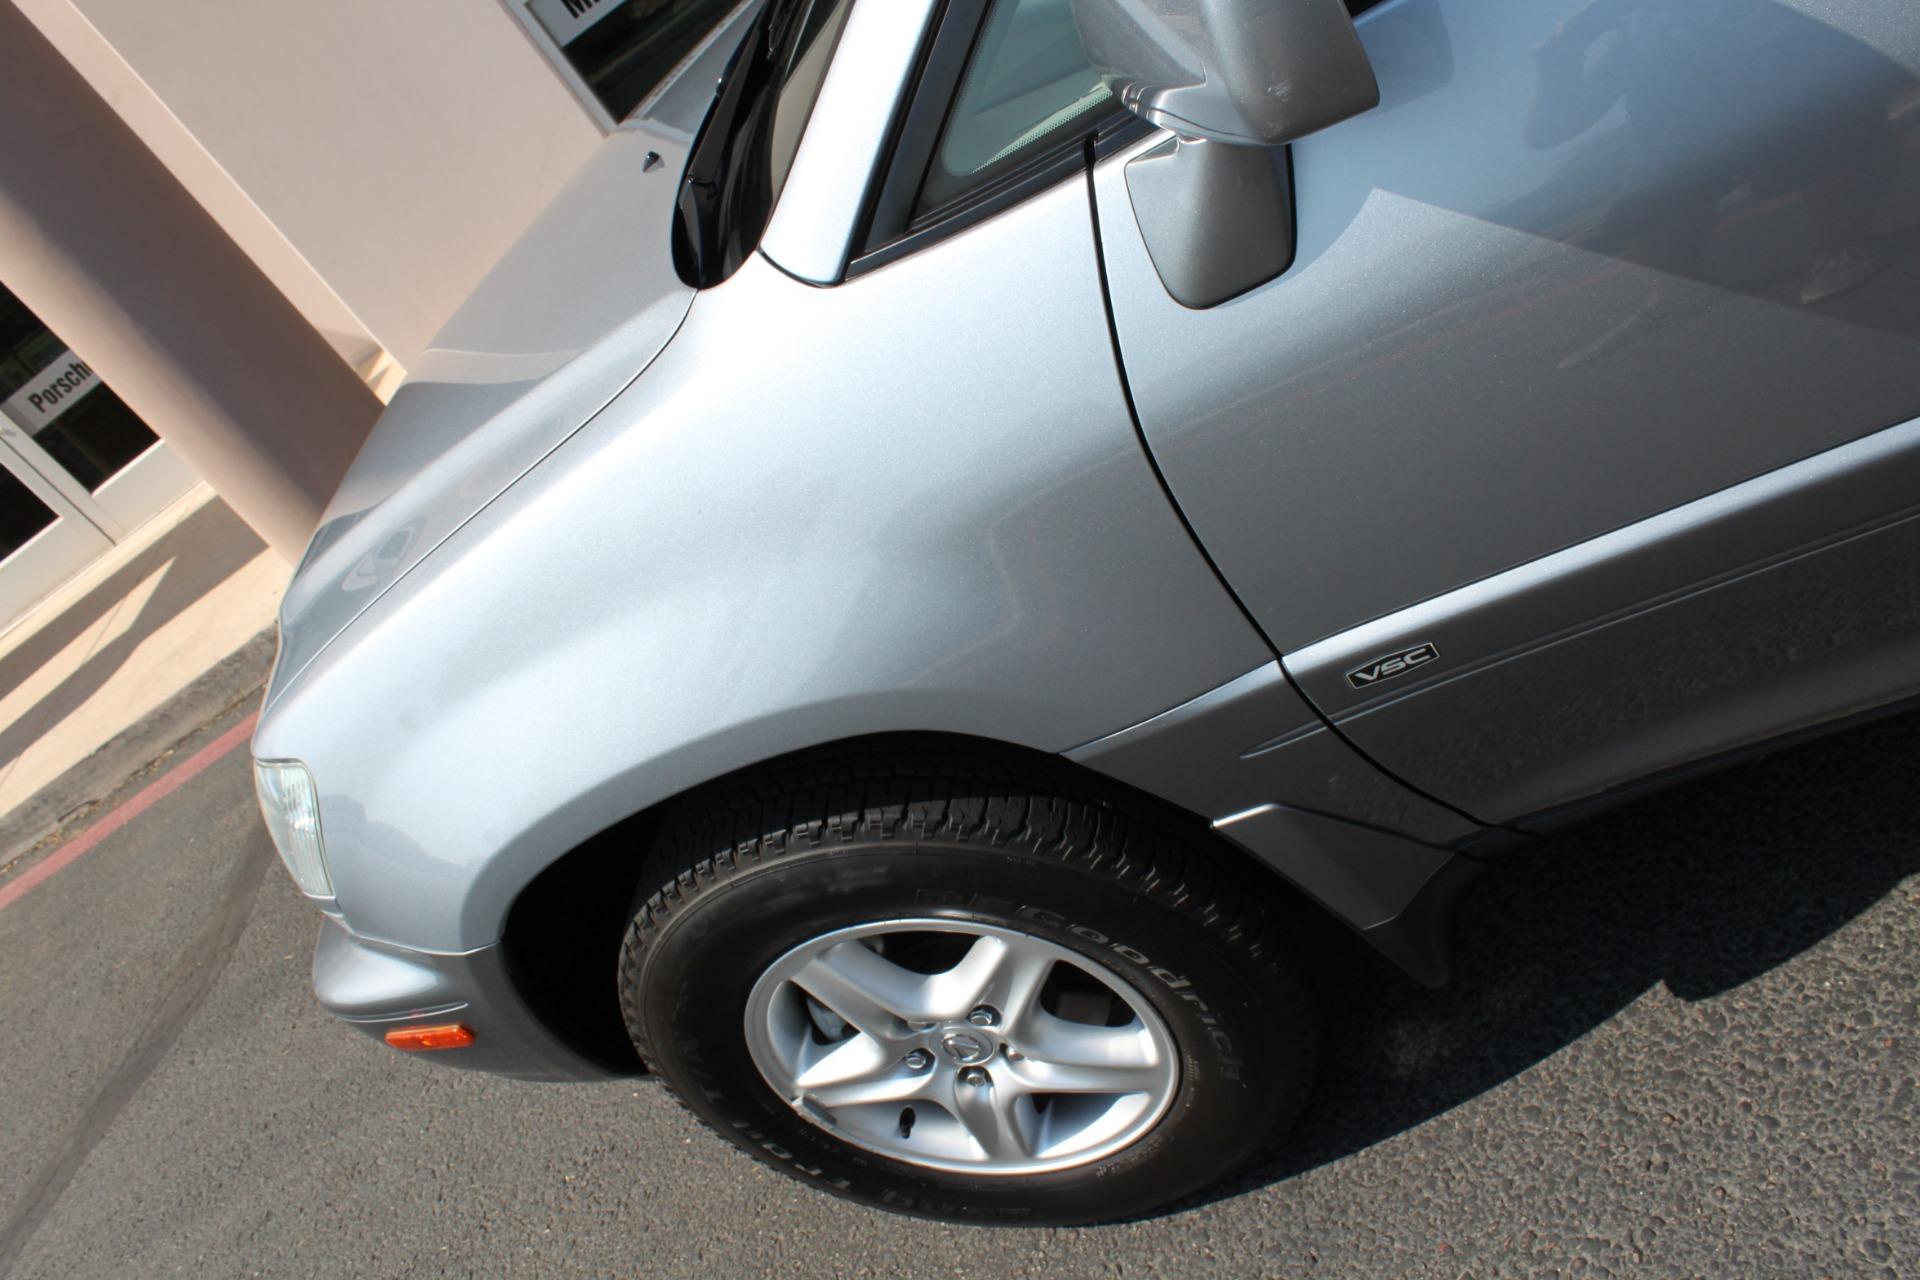 Used-2003-Lexus-RX-300-AWD-Acura